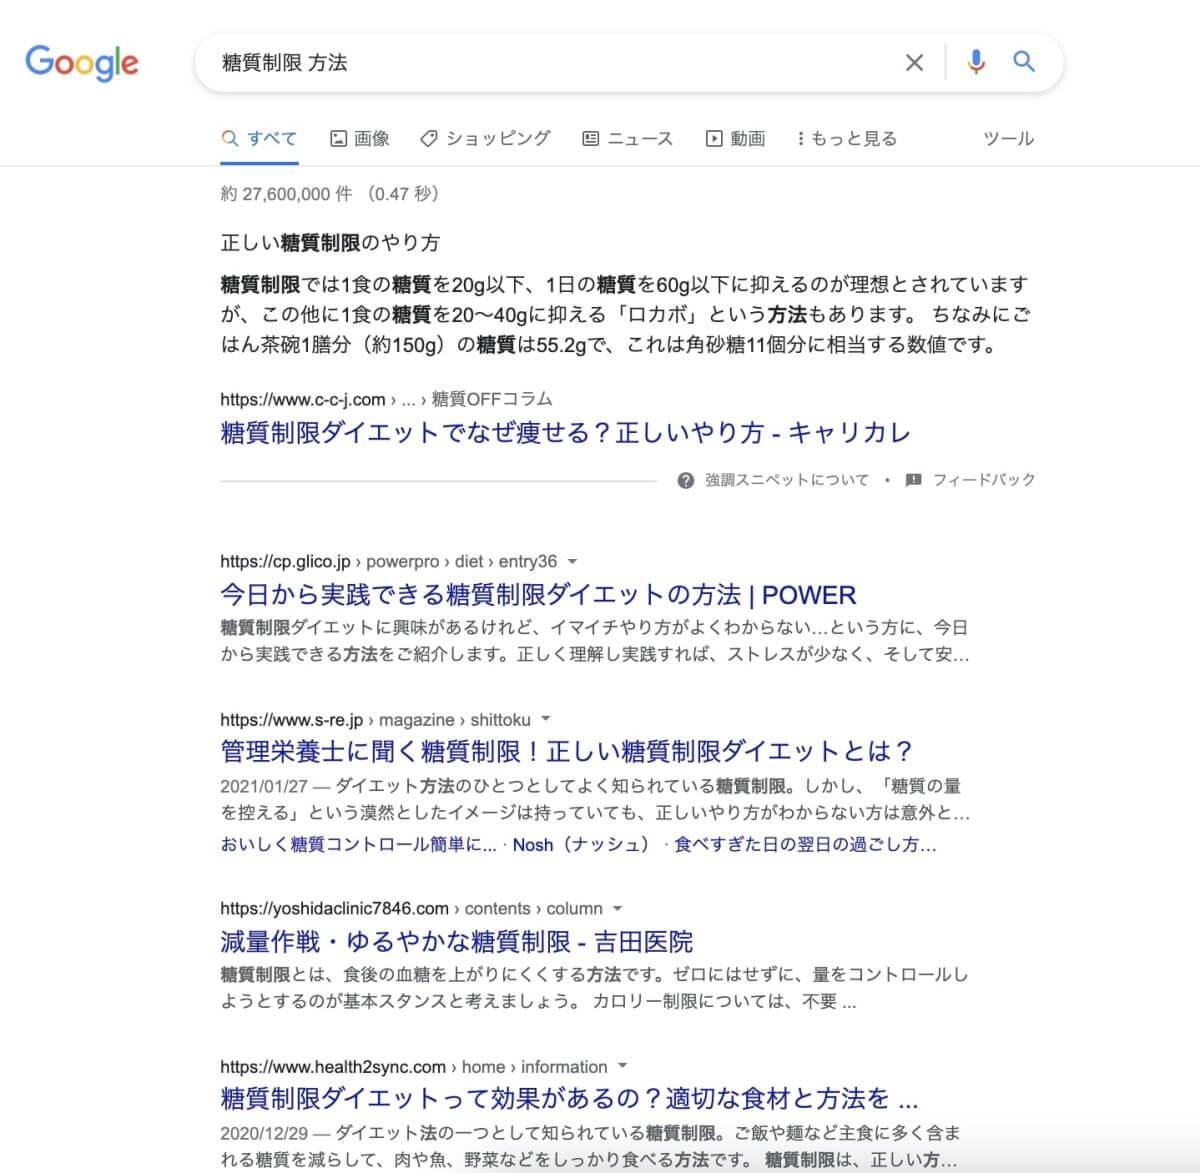 「糖質制限 方法」とGoogleで検索